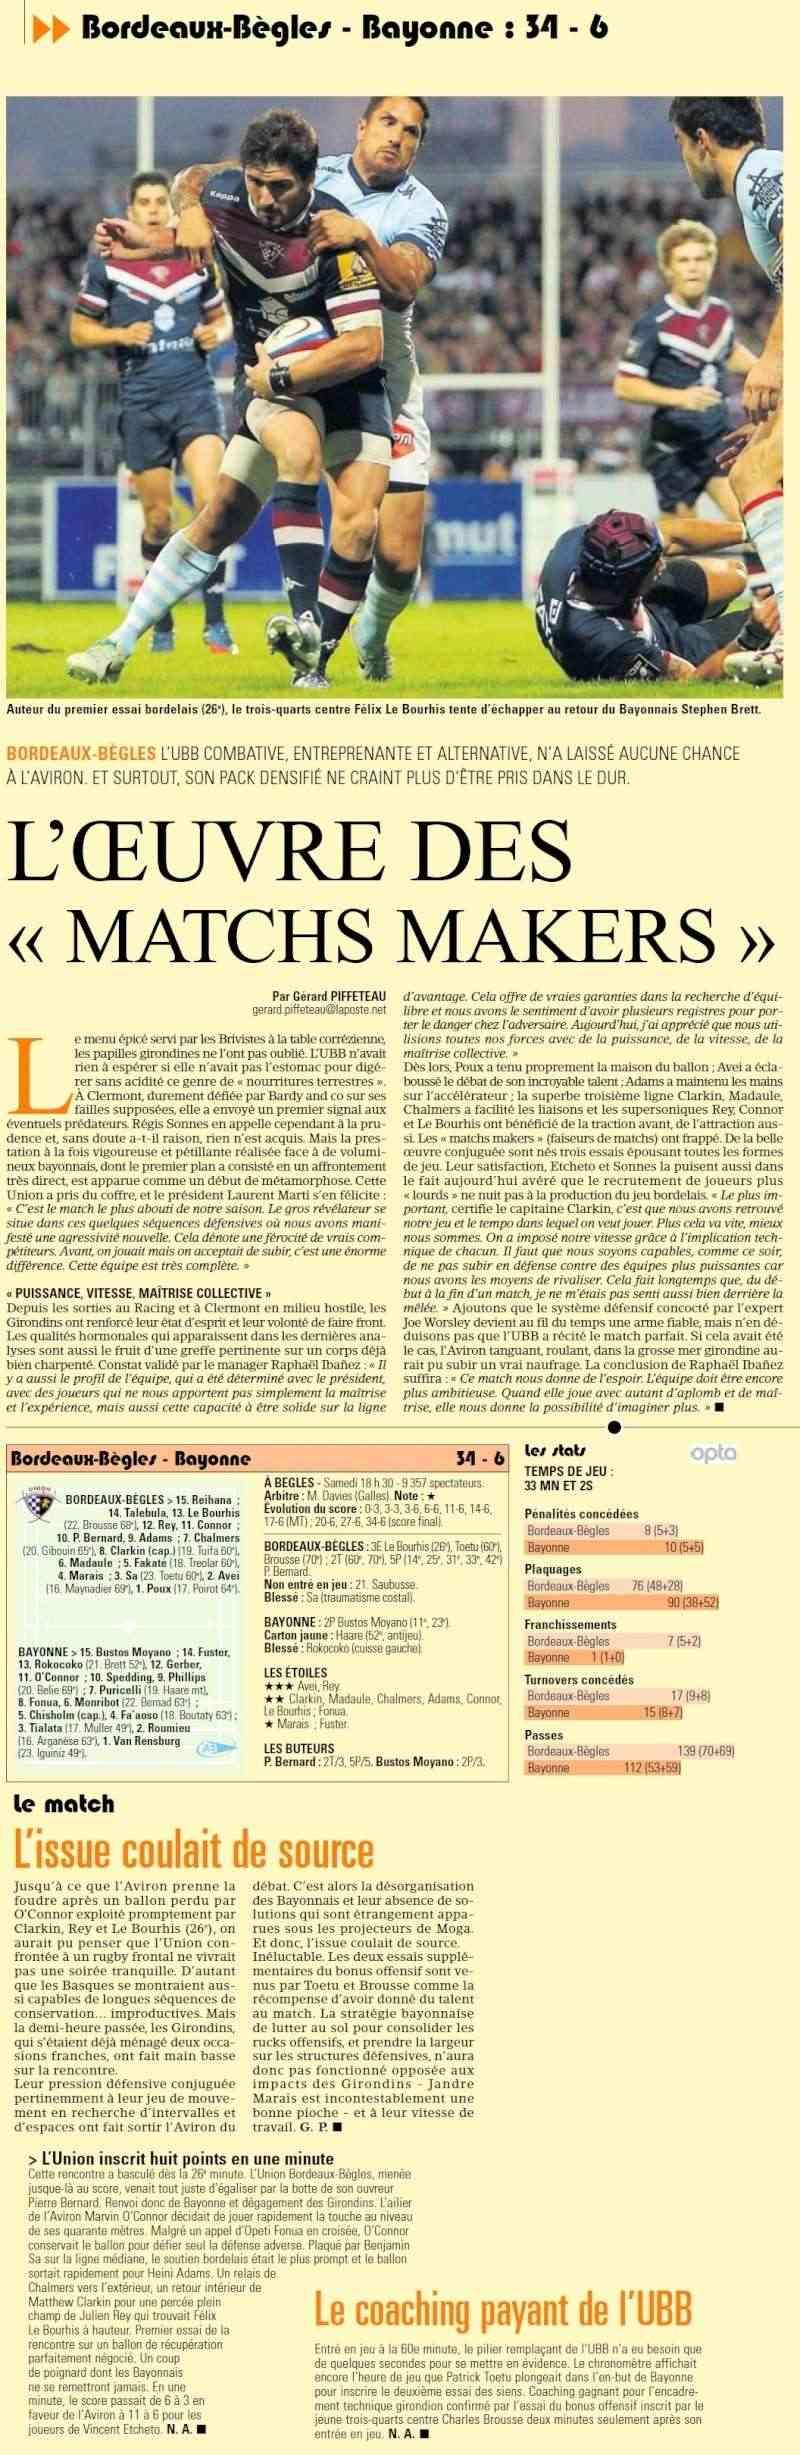 TOP 14 - 9ème journée : UBB / Bayonne - Page 5 Sans_t14